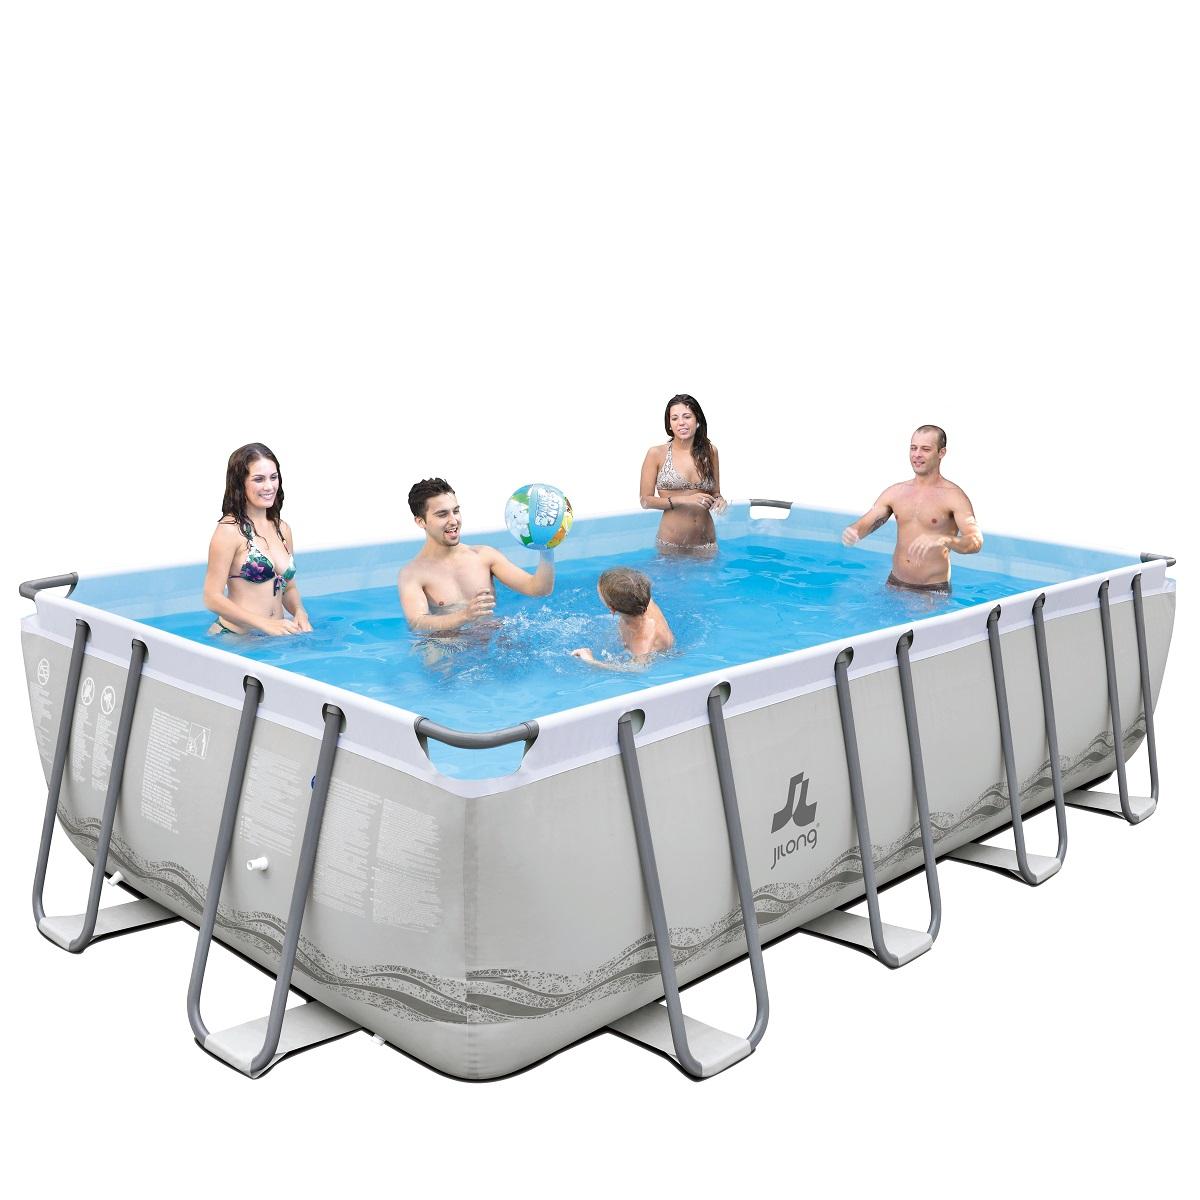 Bazén s pevnou stěnou Mistal Grey 549 x 305 x 122 cm set s pískovou filtrací